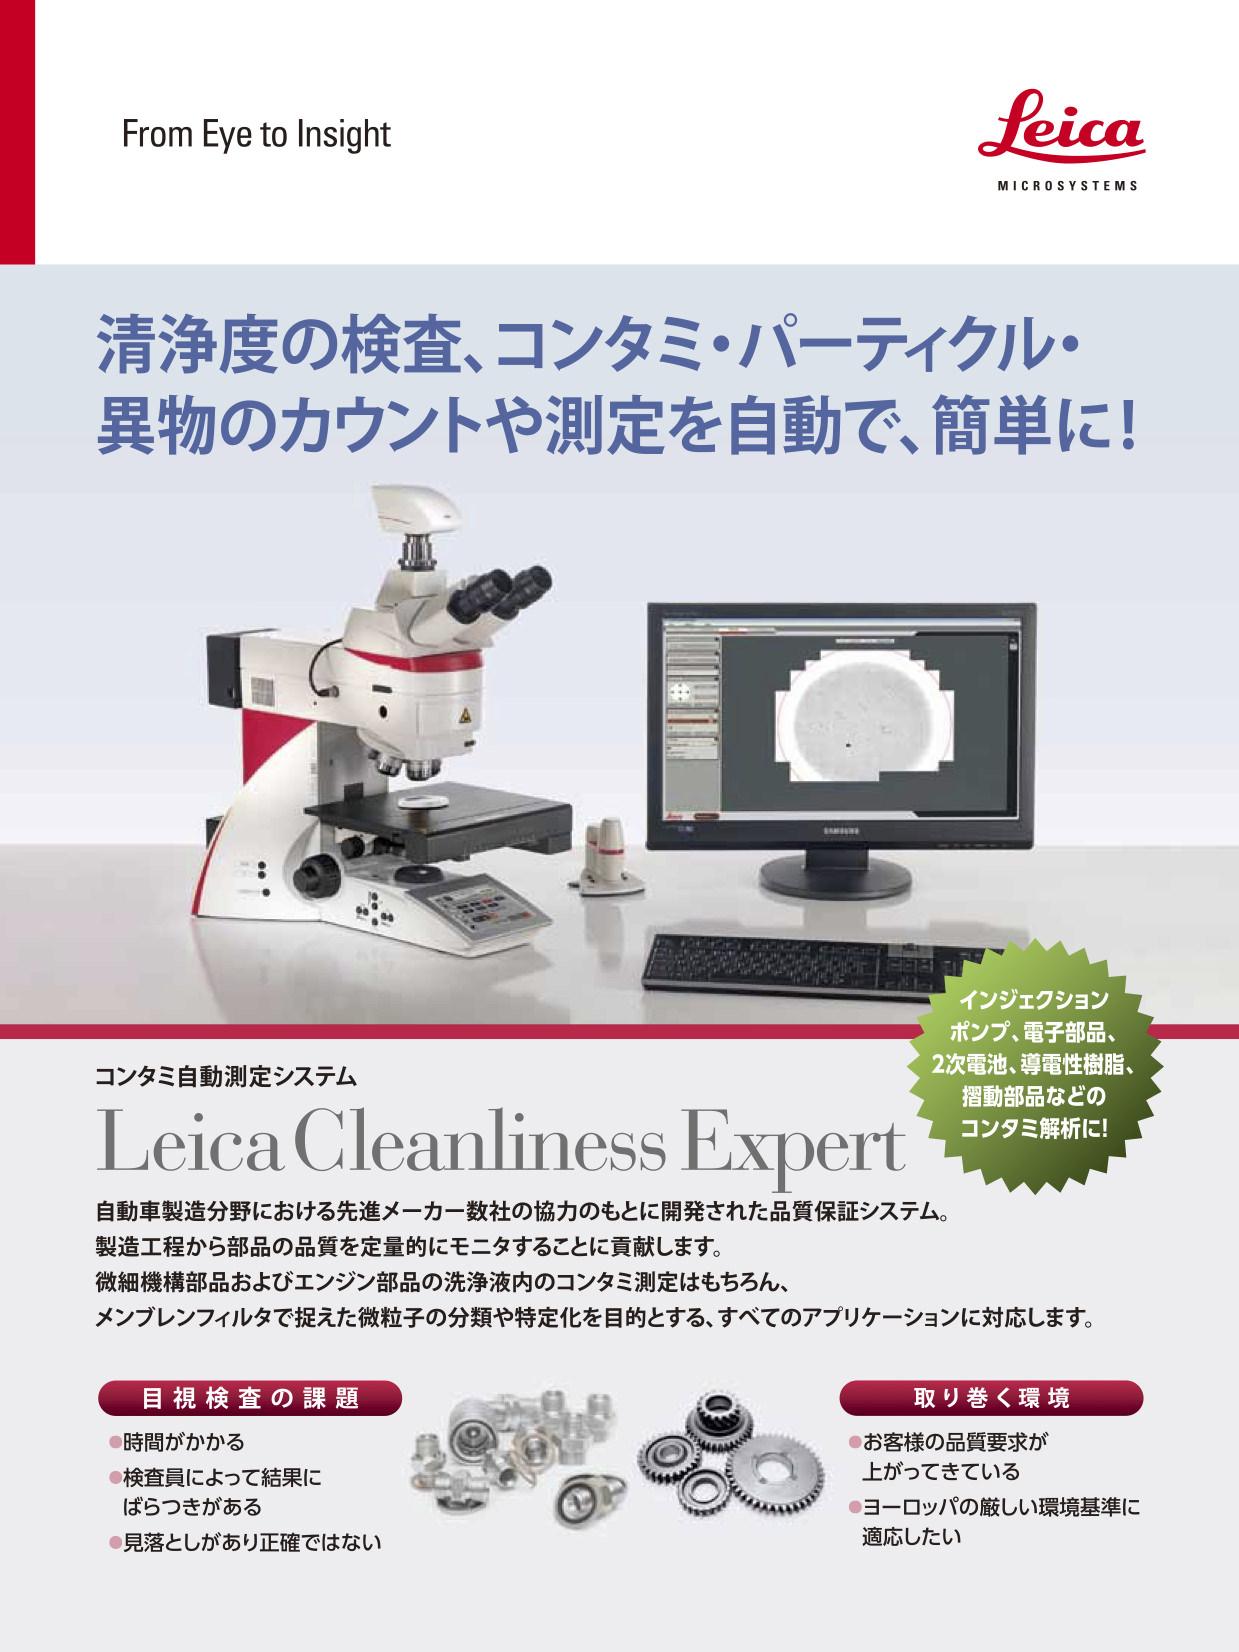 ダウンロード/コンタミ自動測定・清浄度検査システム Leica Cleanliness Expert カタログ